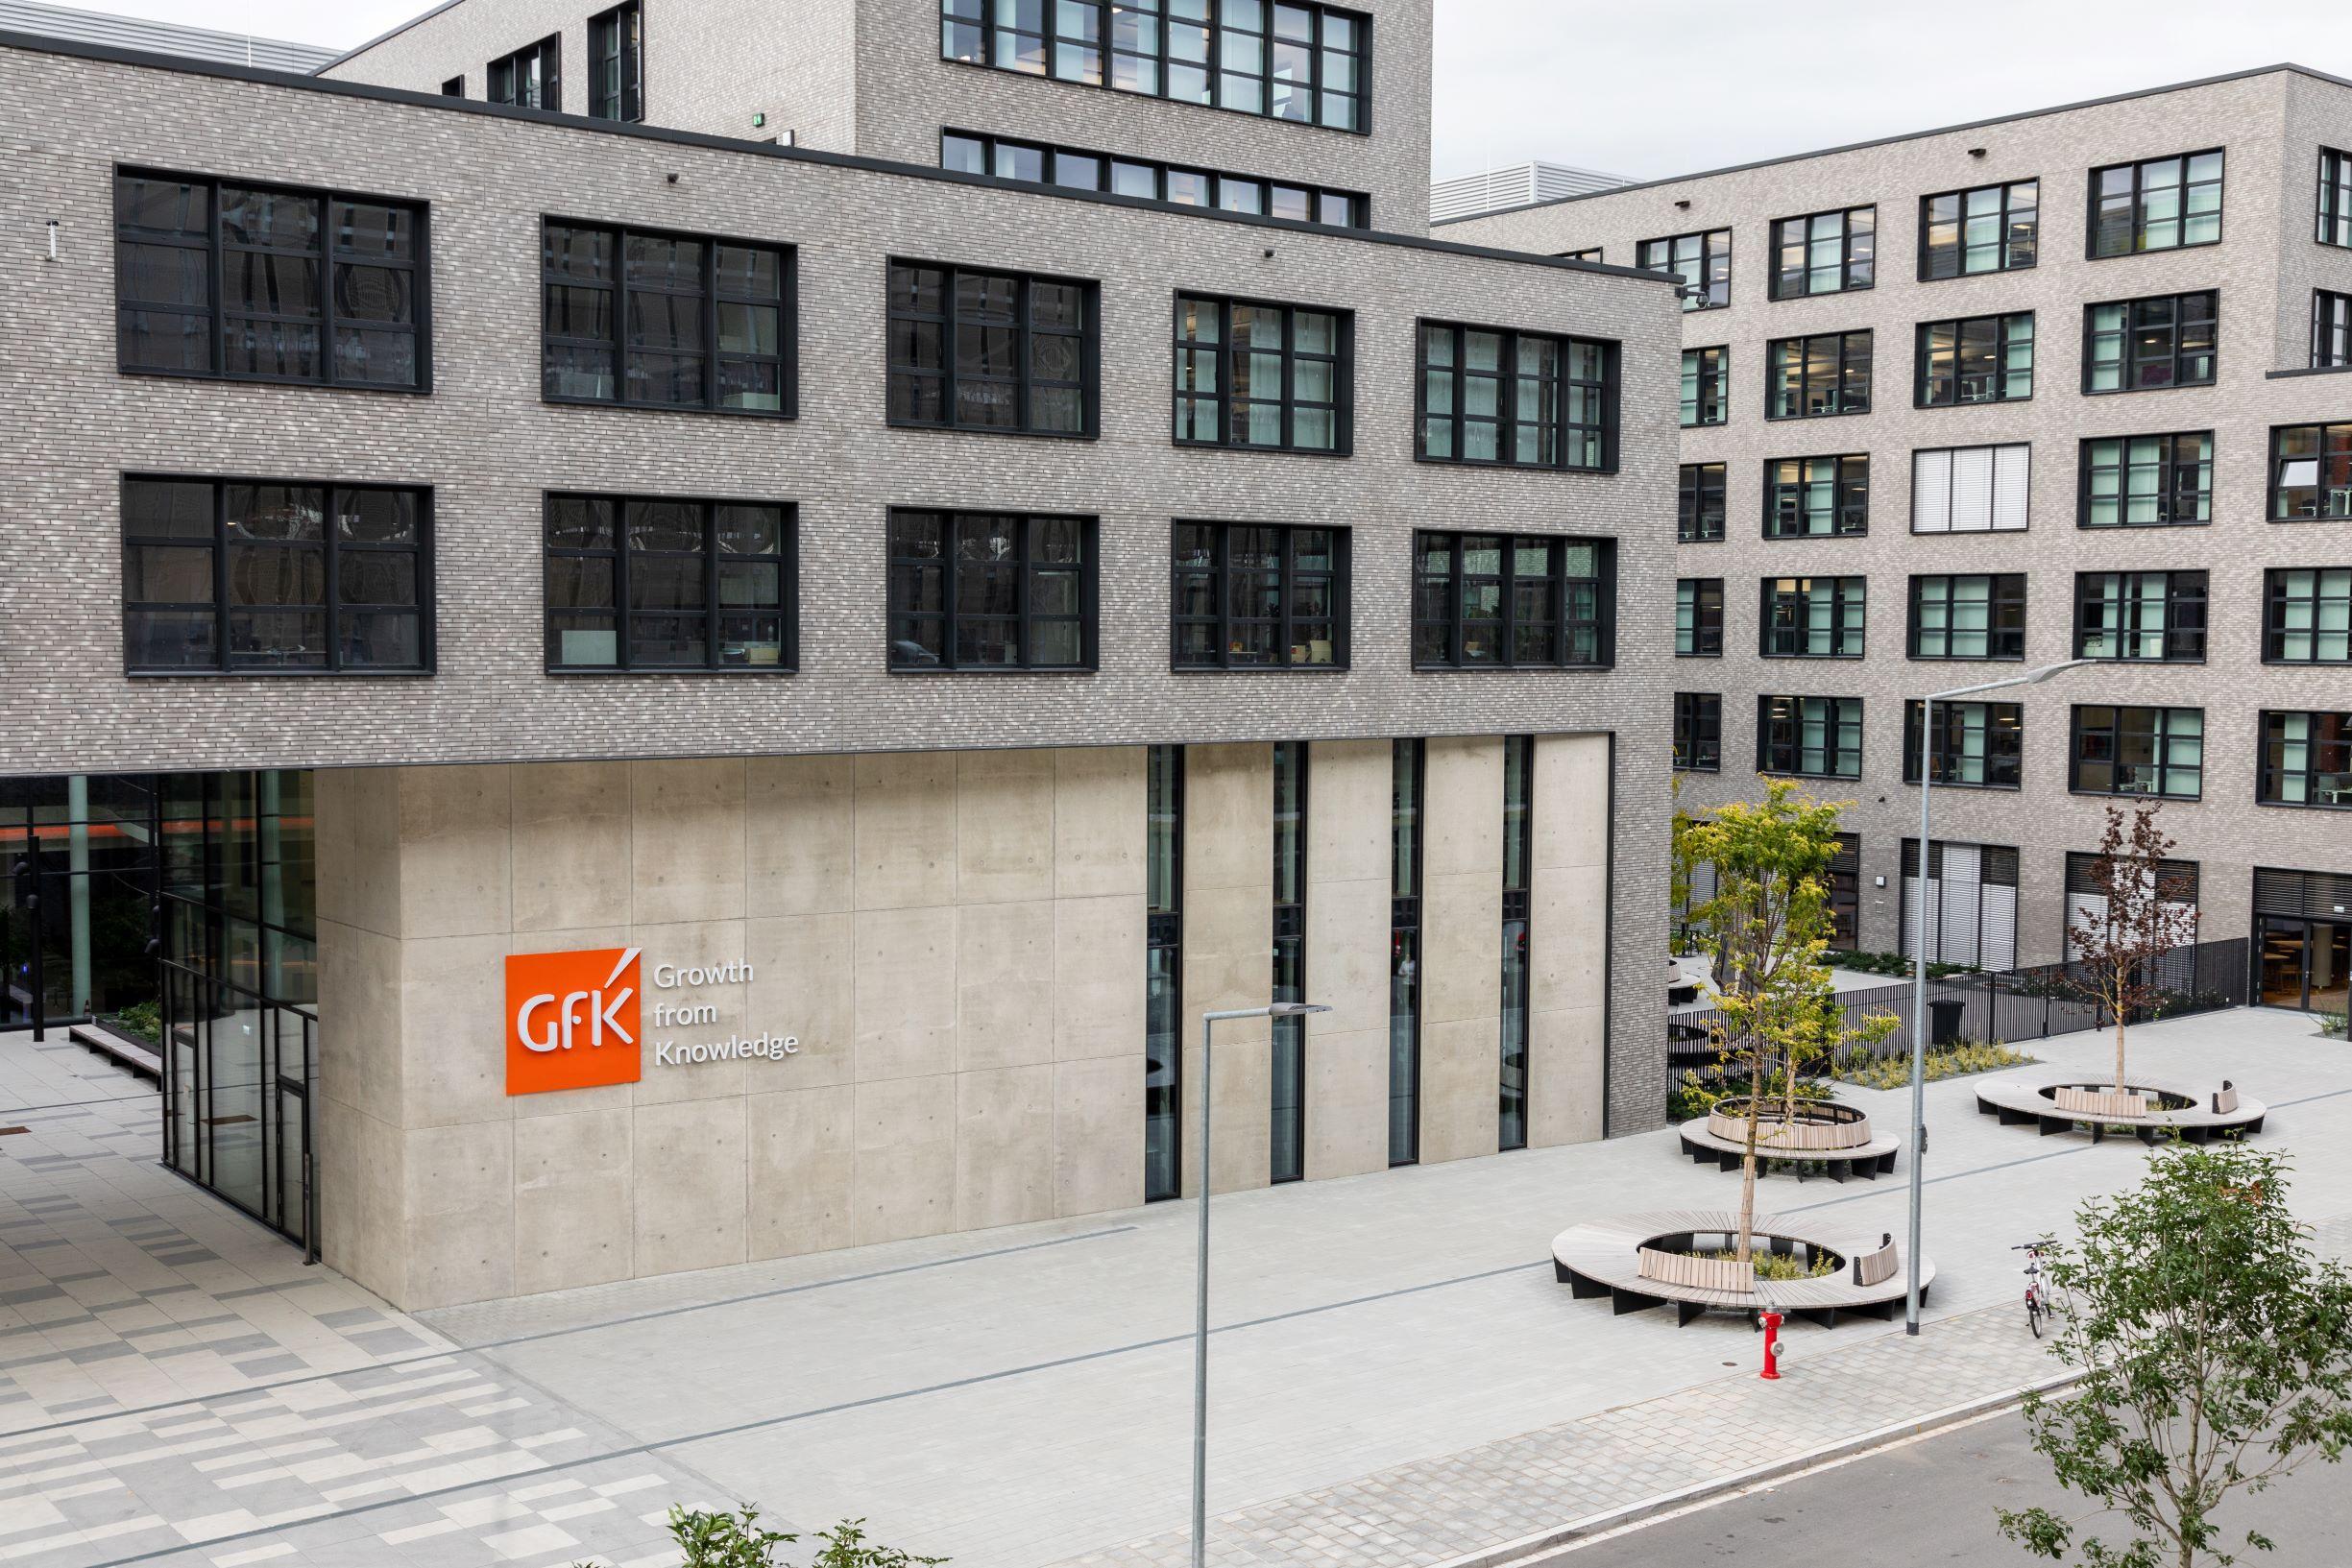 GfK Orange Campus in Nürnberg